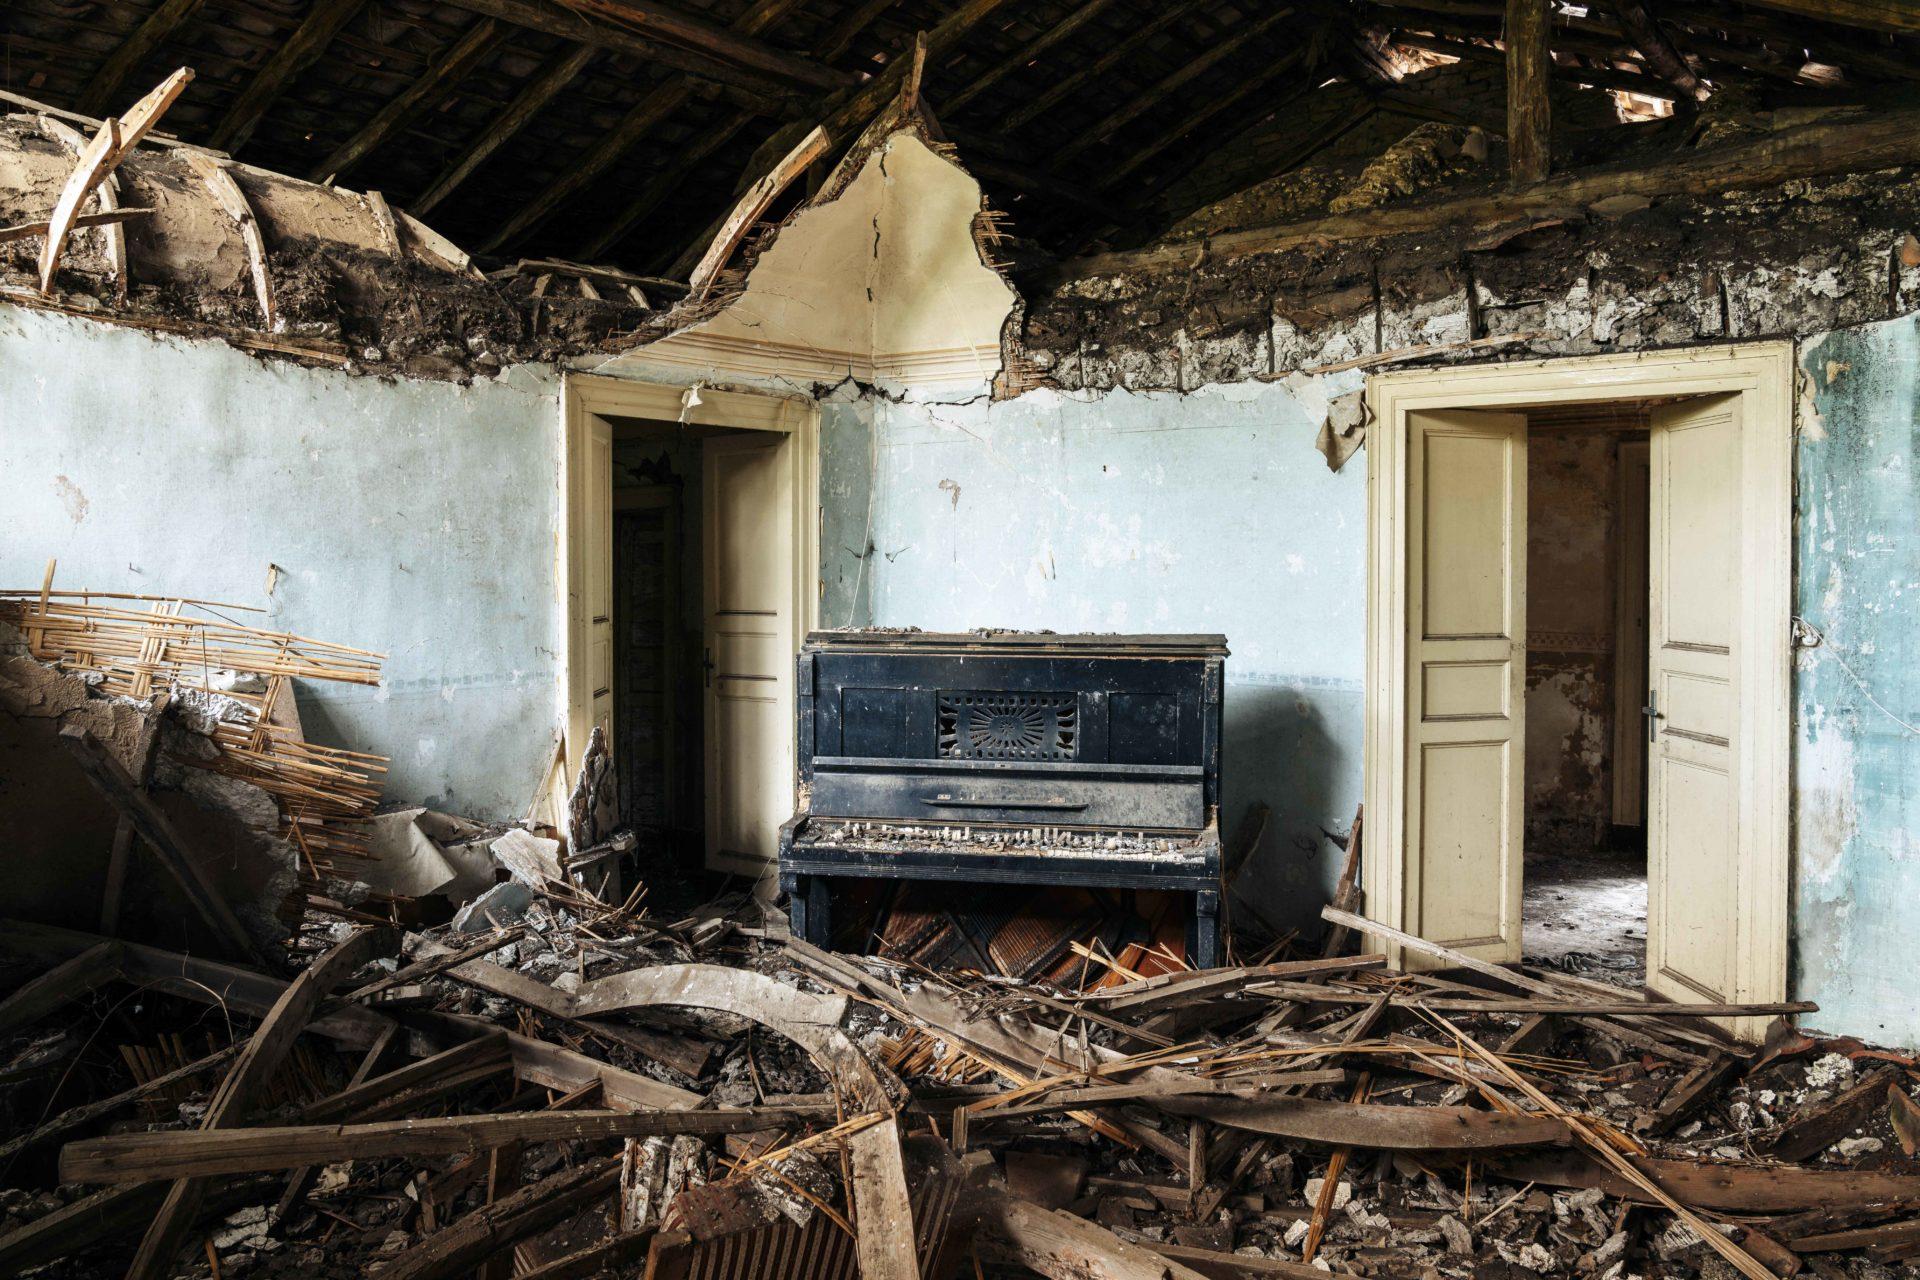 Requiem pour pianos 99 | Serie Requiem pour pianos | Romain Thiery